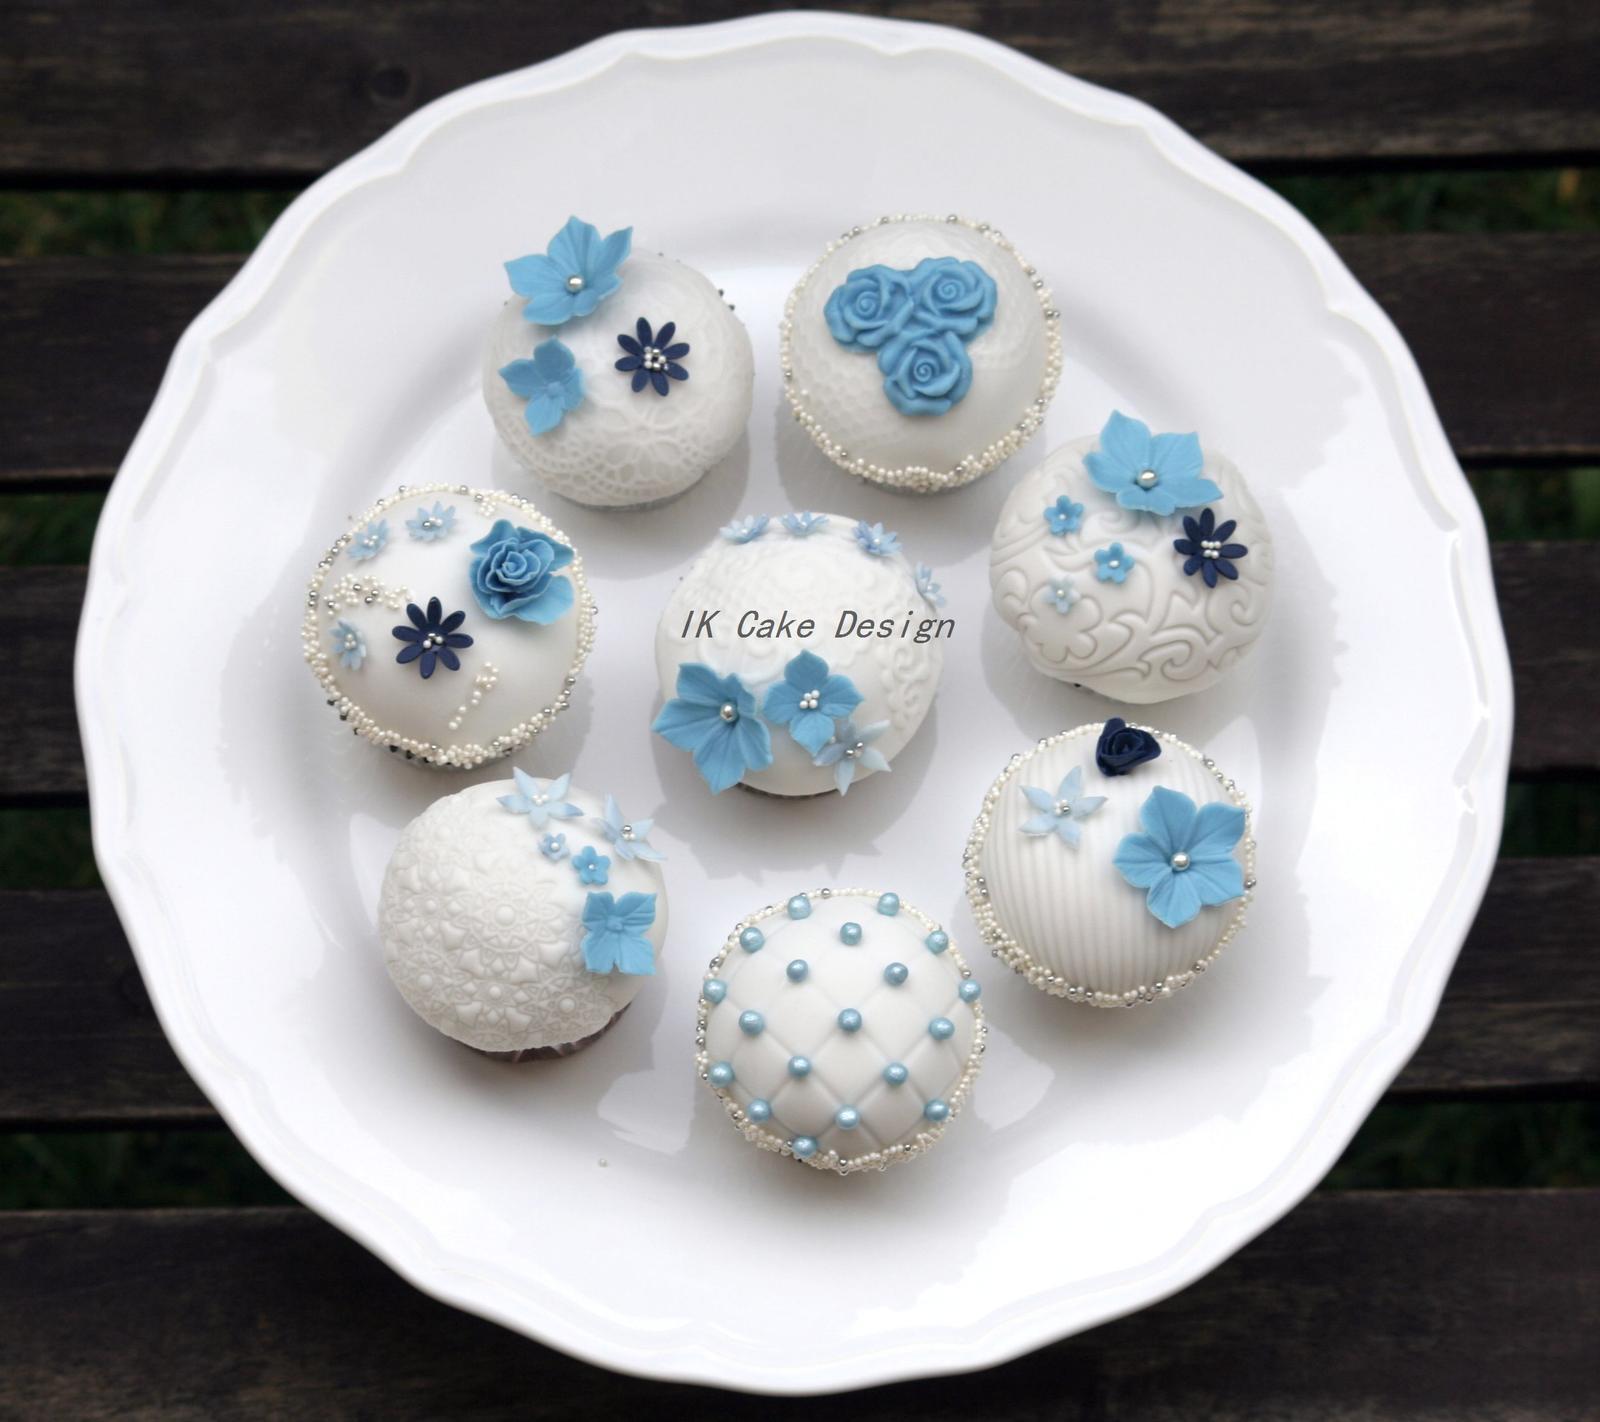 co taketo cupcakes? znama... - Obrázok č. 3